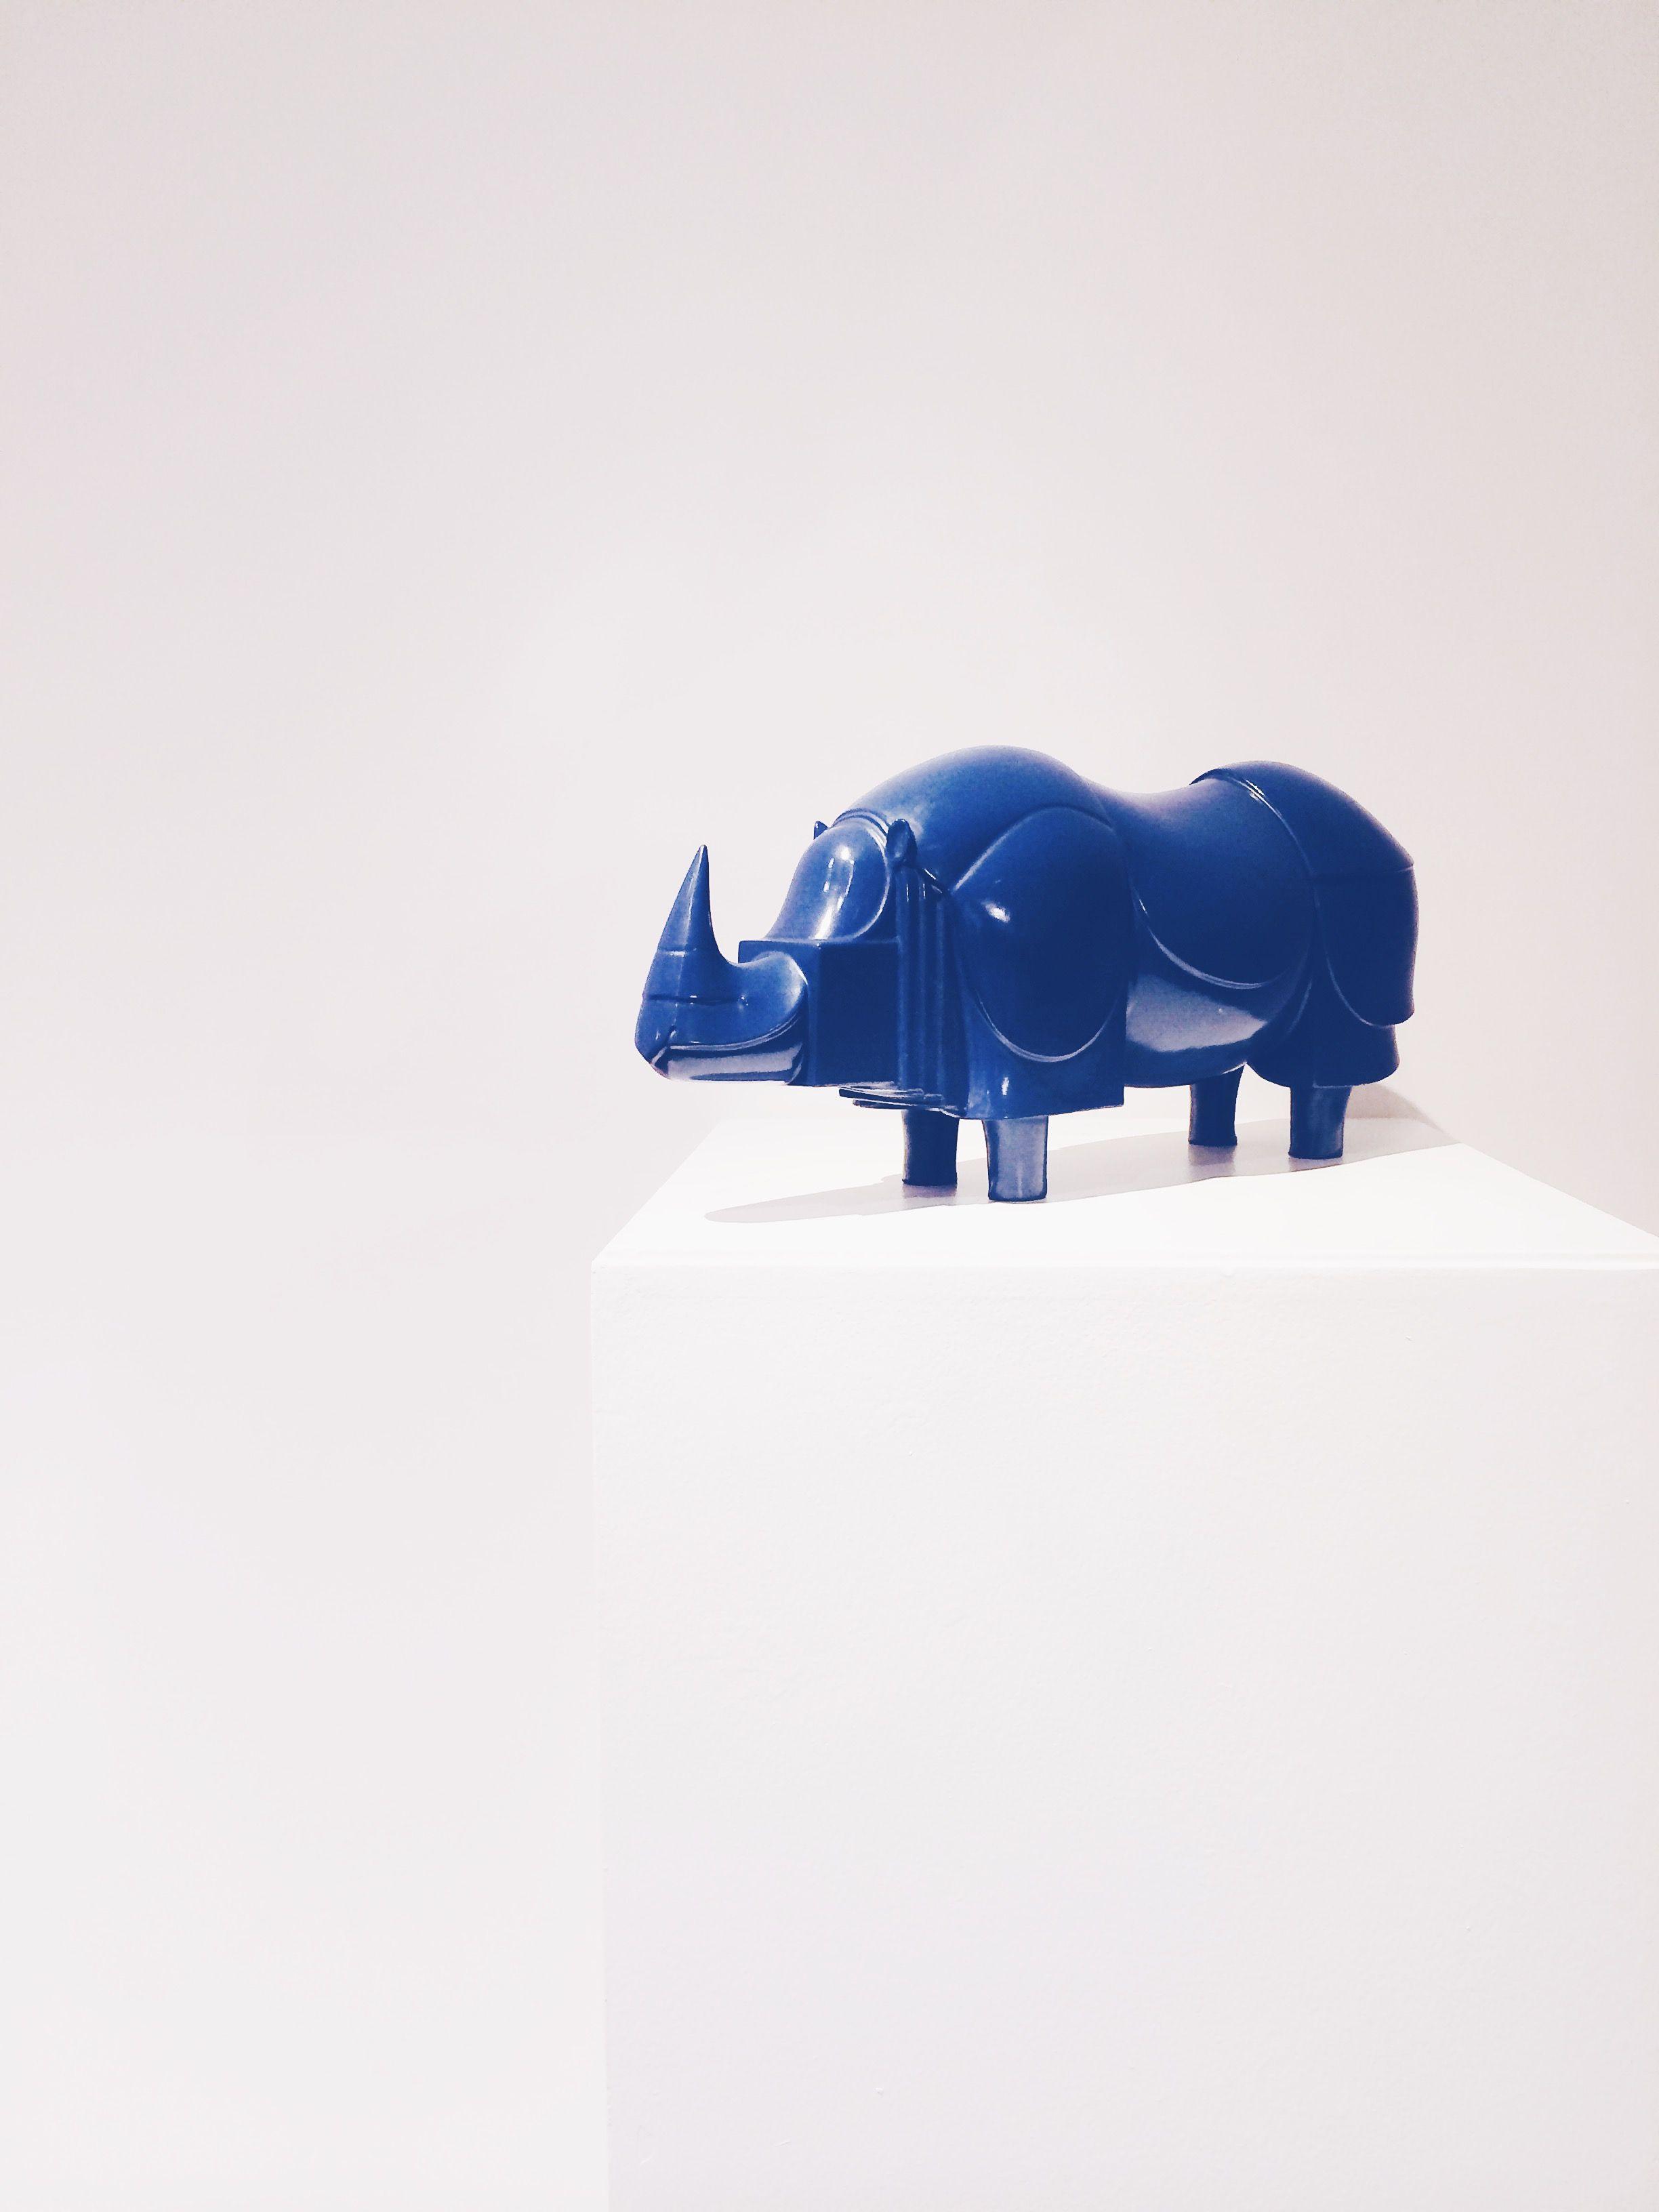 François-Xavier Lalanne Rhinoceros Bleu 1981 | rr